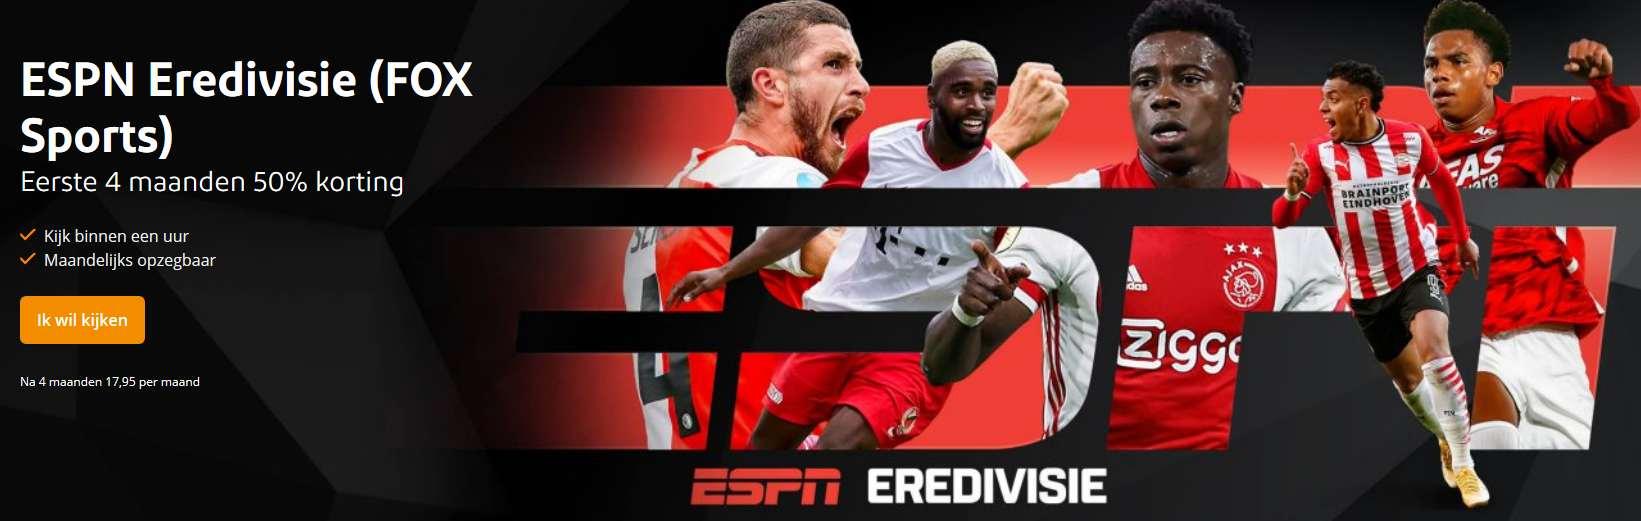 Screenshot 2021 01 05 ESPN Eredivisie 1